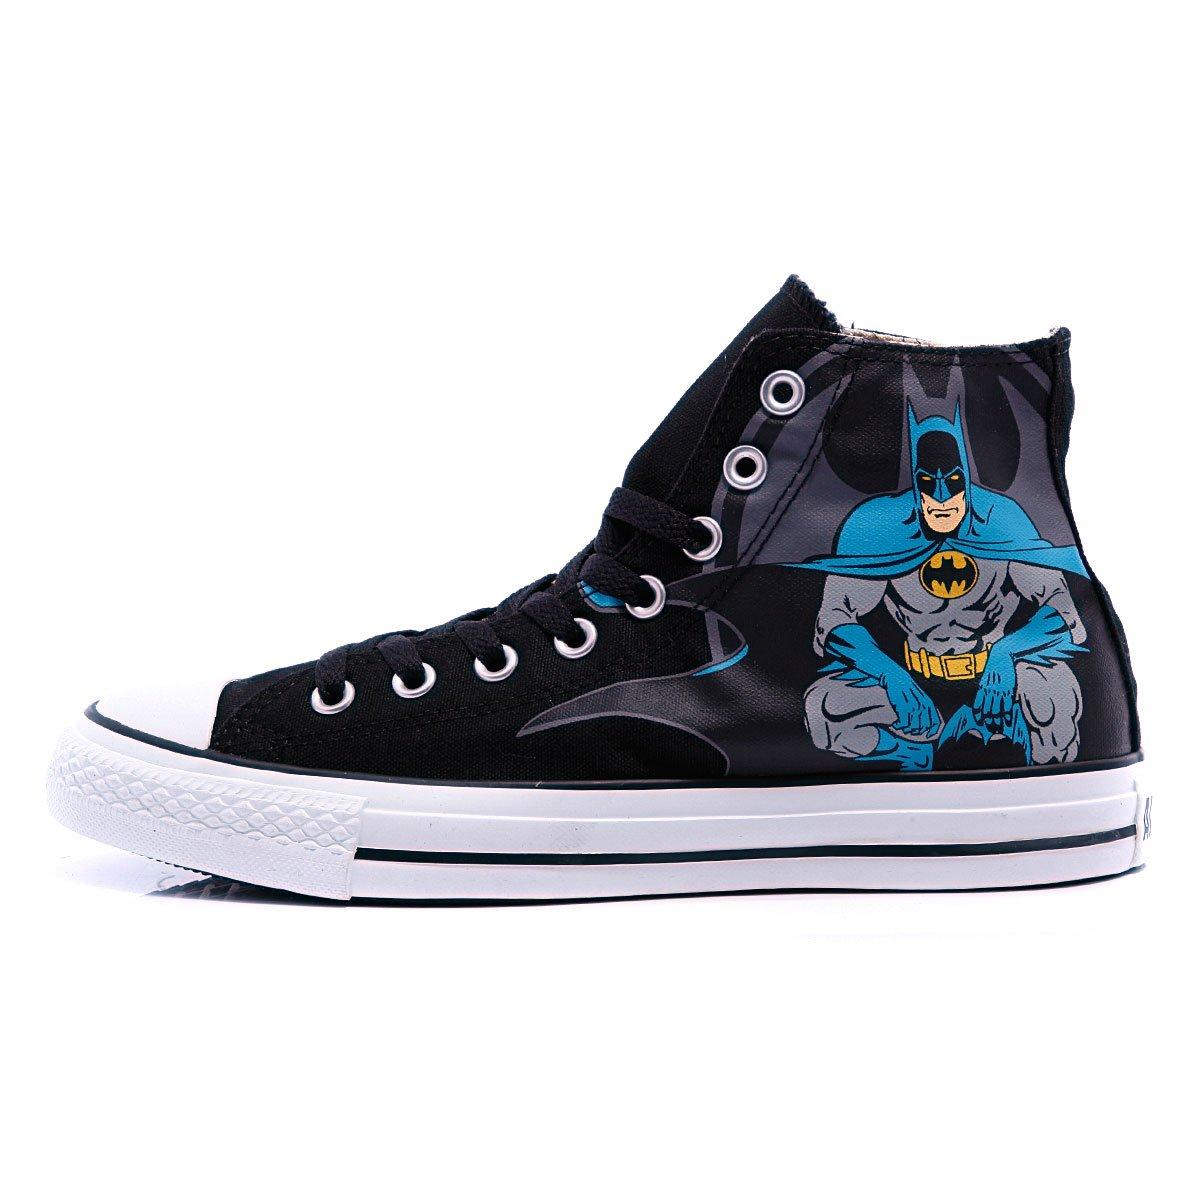 Купить кеды высокие Converse Chuck Taylor Batman Hi Black Print ... 5bedf2c5746a4